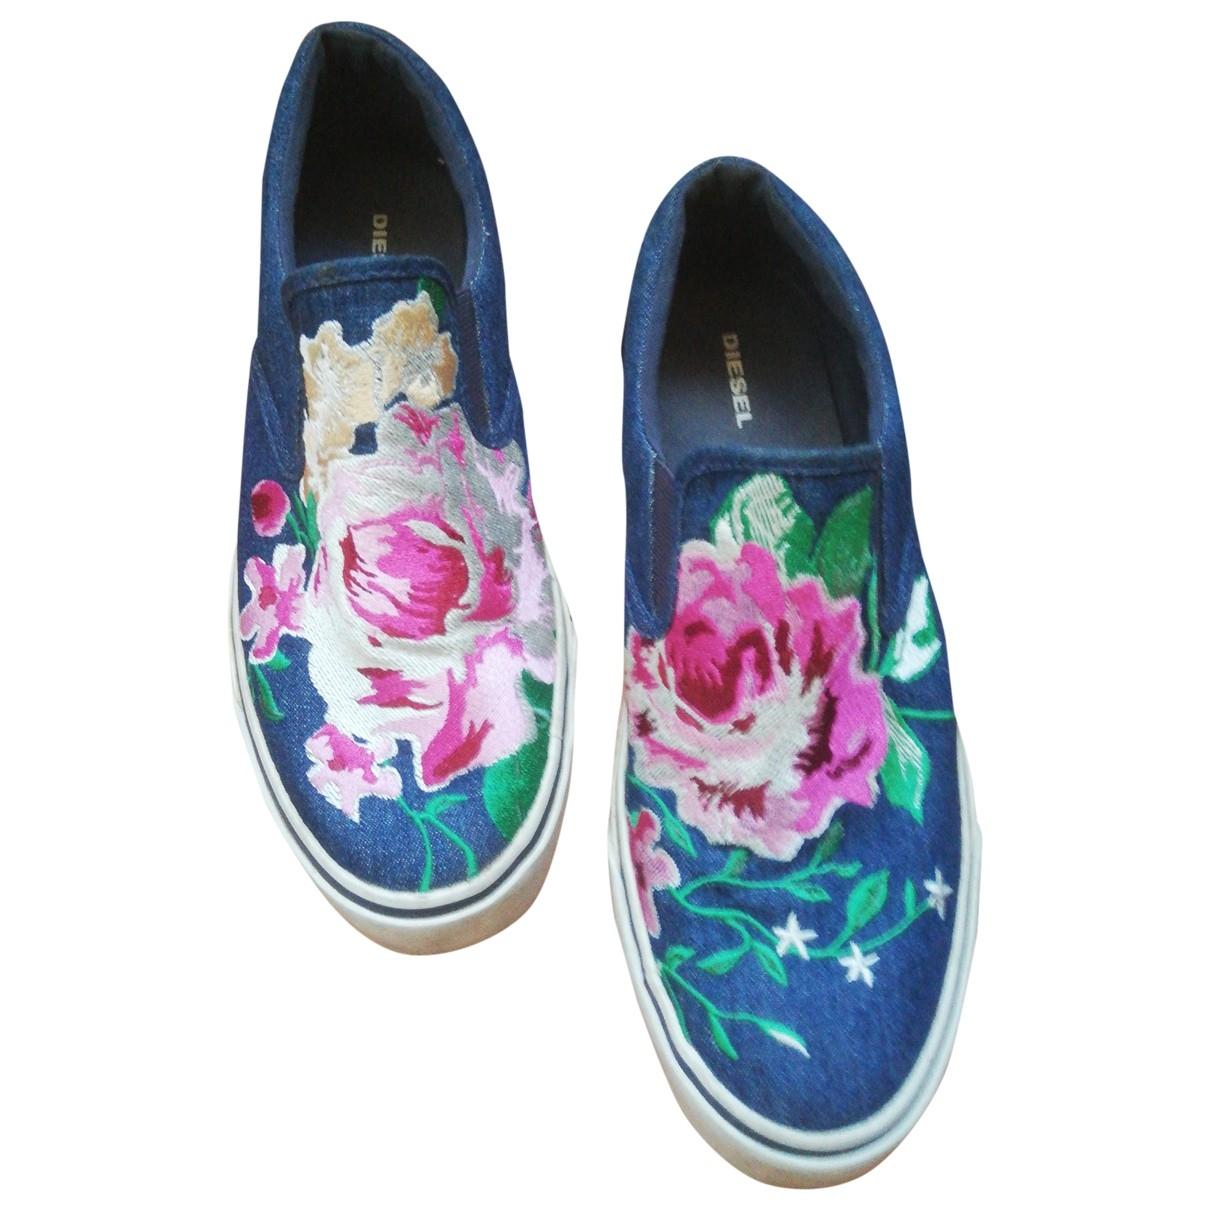 Diesel \N Sneakers in  Blau Leinen